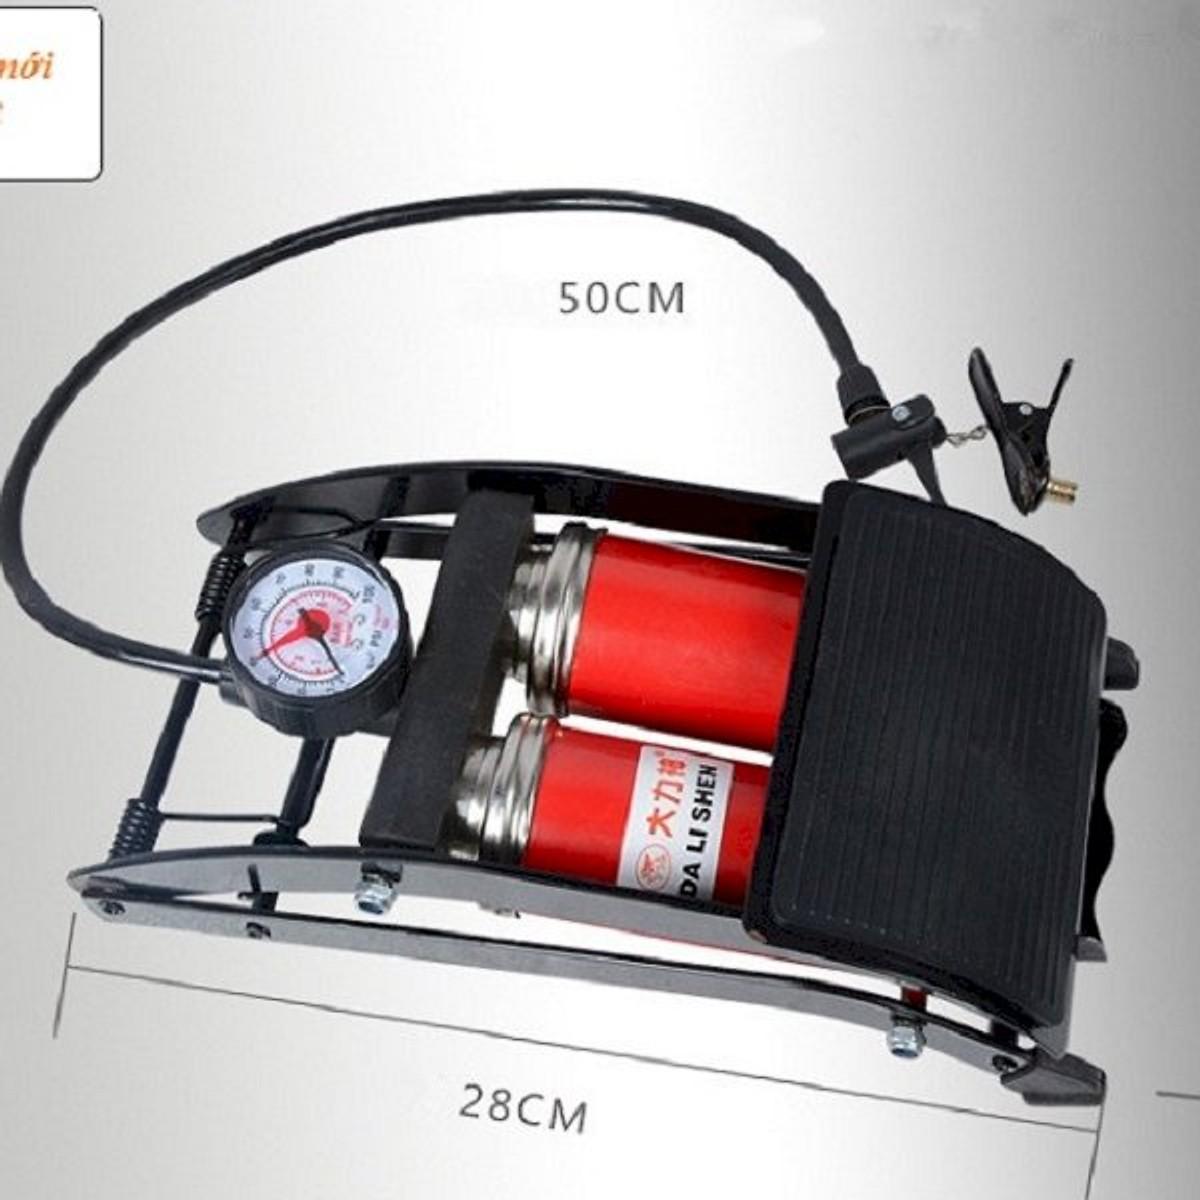 Combo Bơm hơi đạp chân 2 Pitton kèm Đồng hồ điện tử đo áp suất lốp xe chuyên dụng cho ô tô xe máy